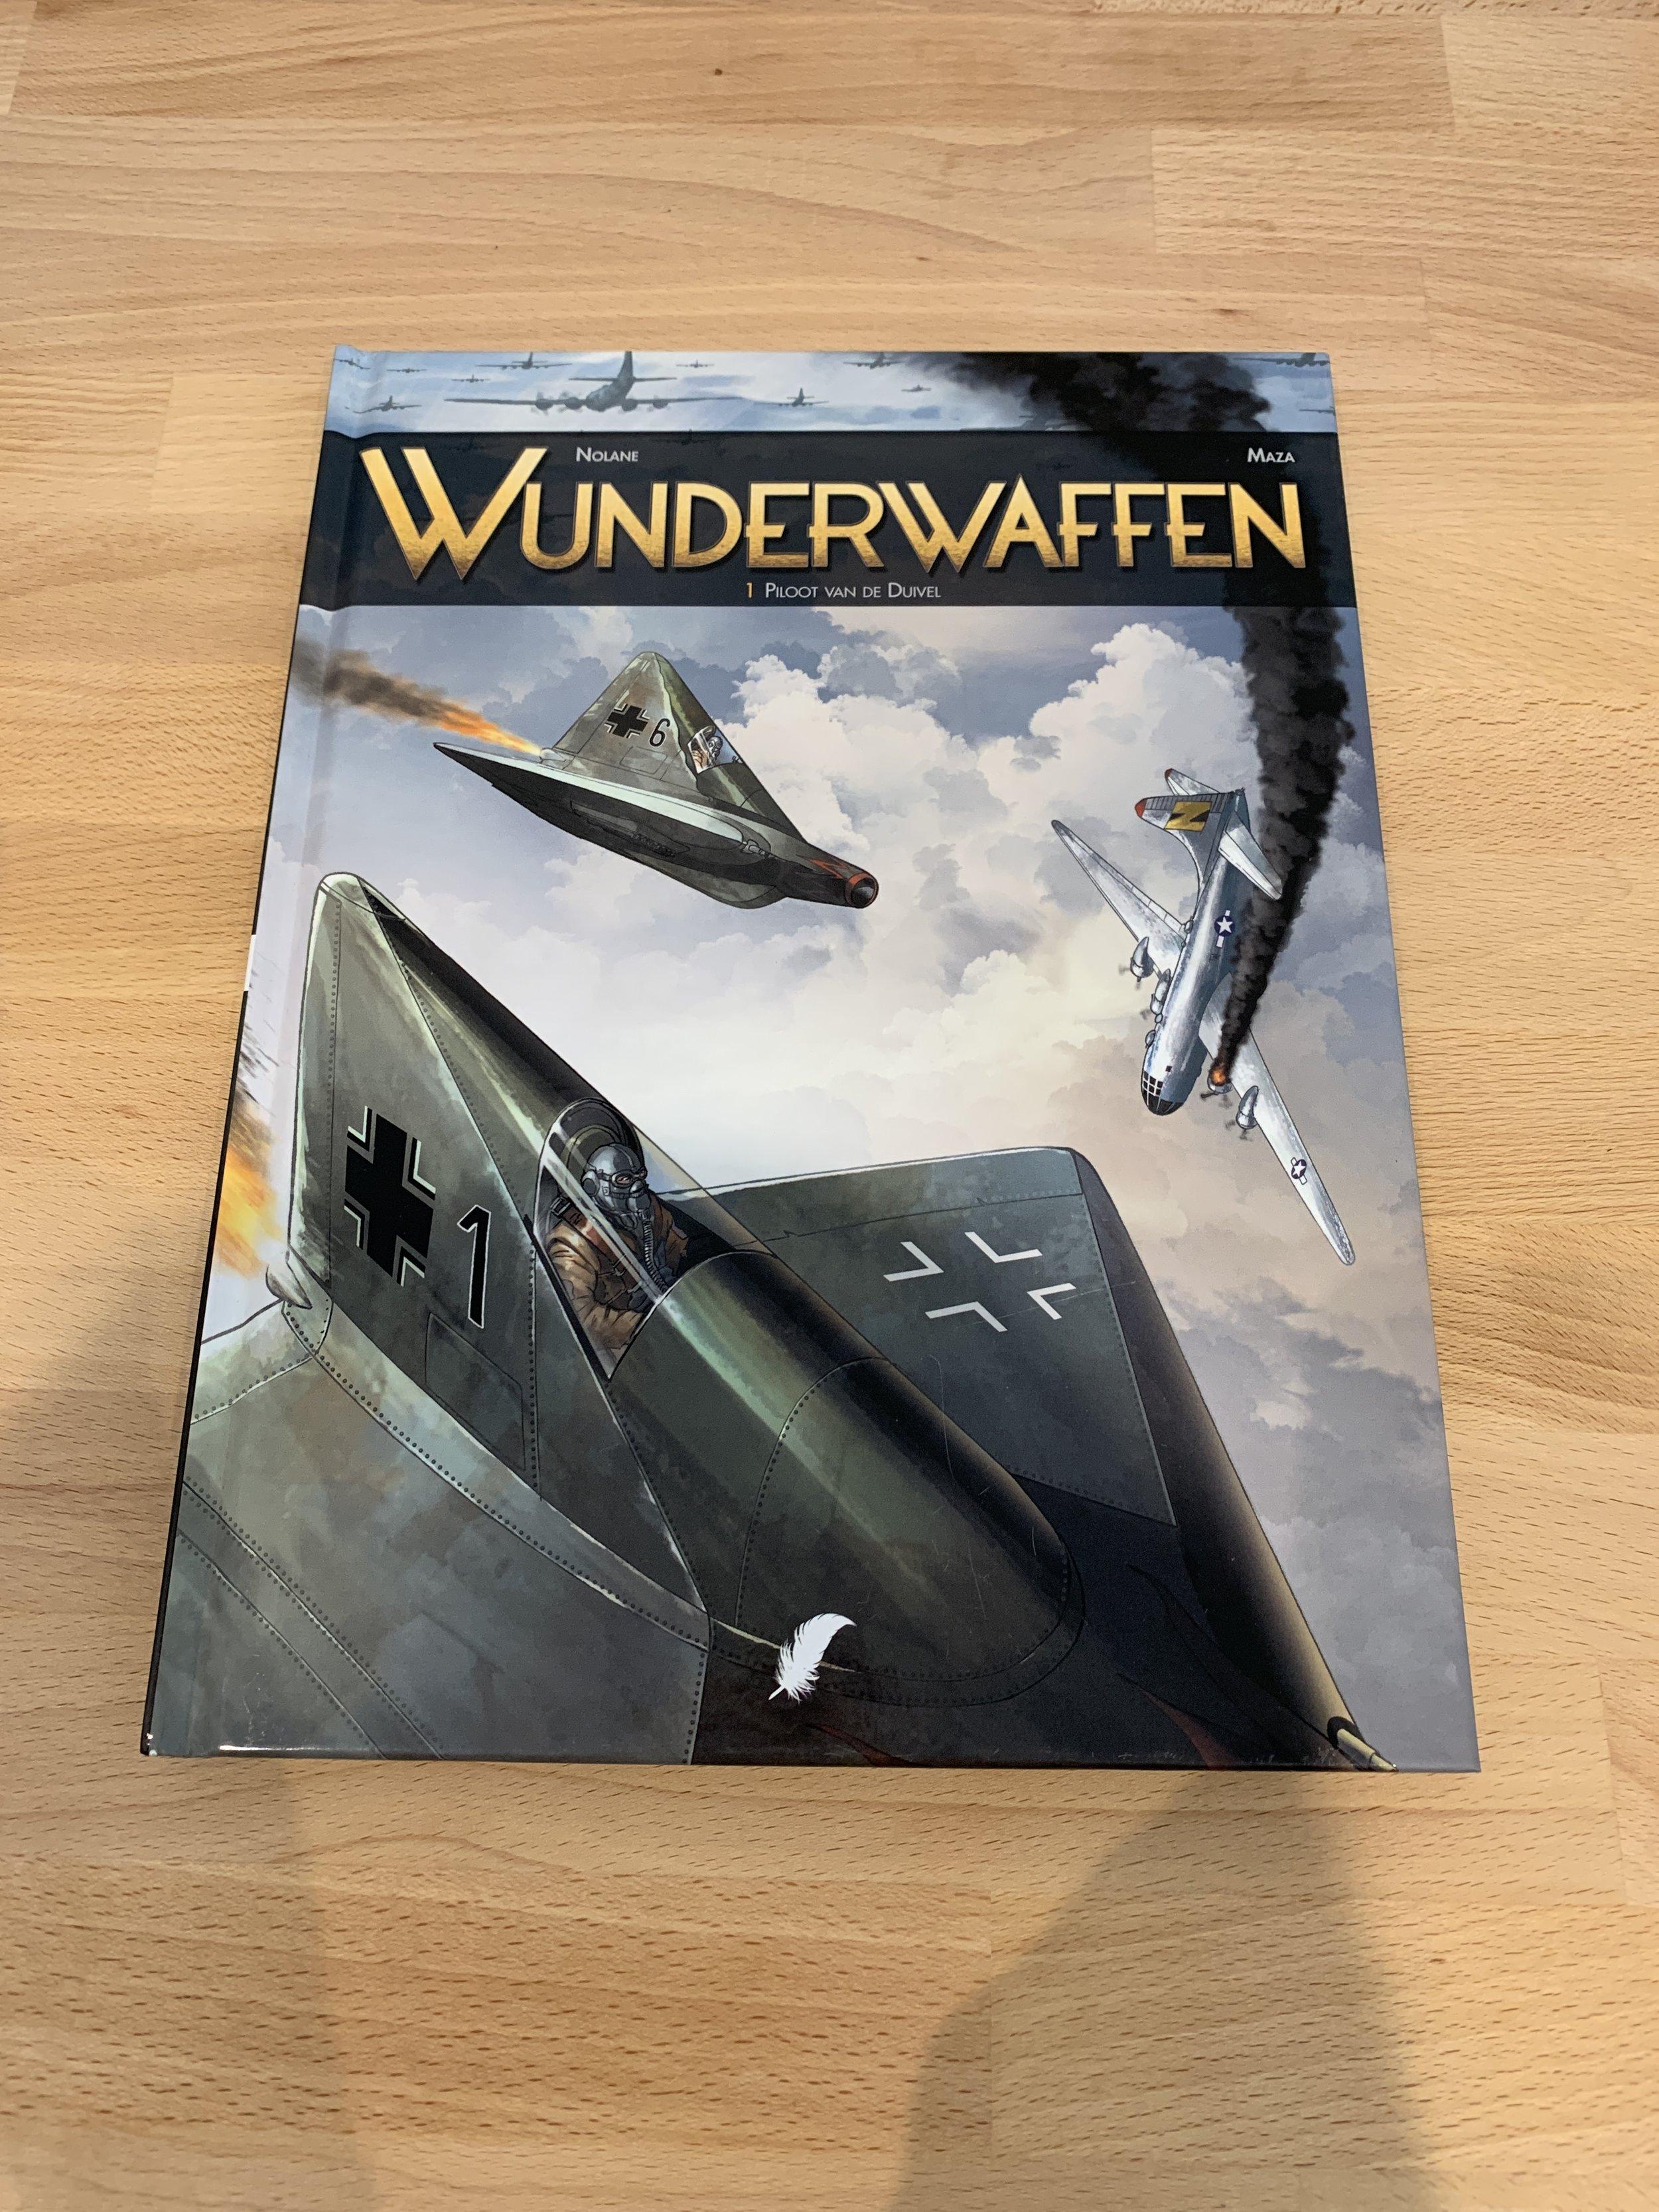 """Piloot van de Duivel (Wunderwaffen) - Maza Deel 1 van deze succesvolle pilotenstrip uit de stal van Uitgeverij Daedalus. Een gelimiteerde hardcover uit 2014. Eentje die op vele """"wanted"""" lijstjes een plaatsje heeft gevonden, gezocht door menig verzamelaar."""